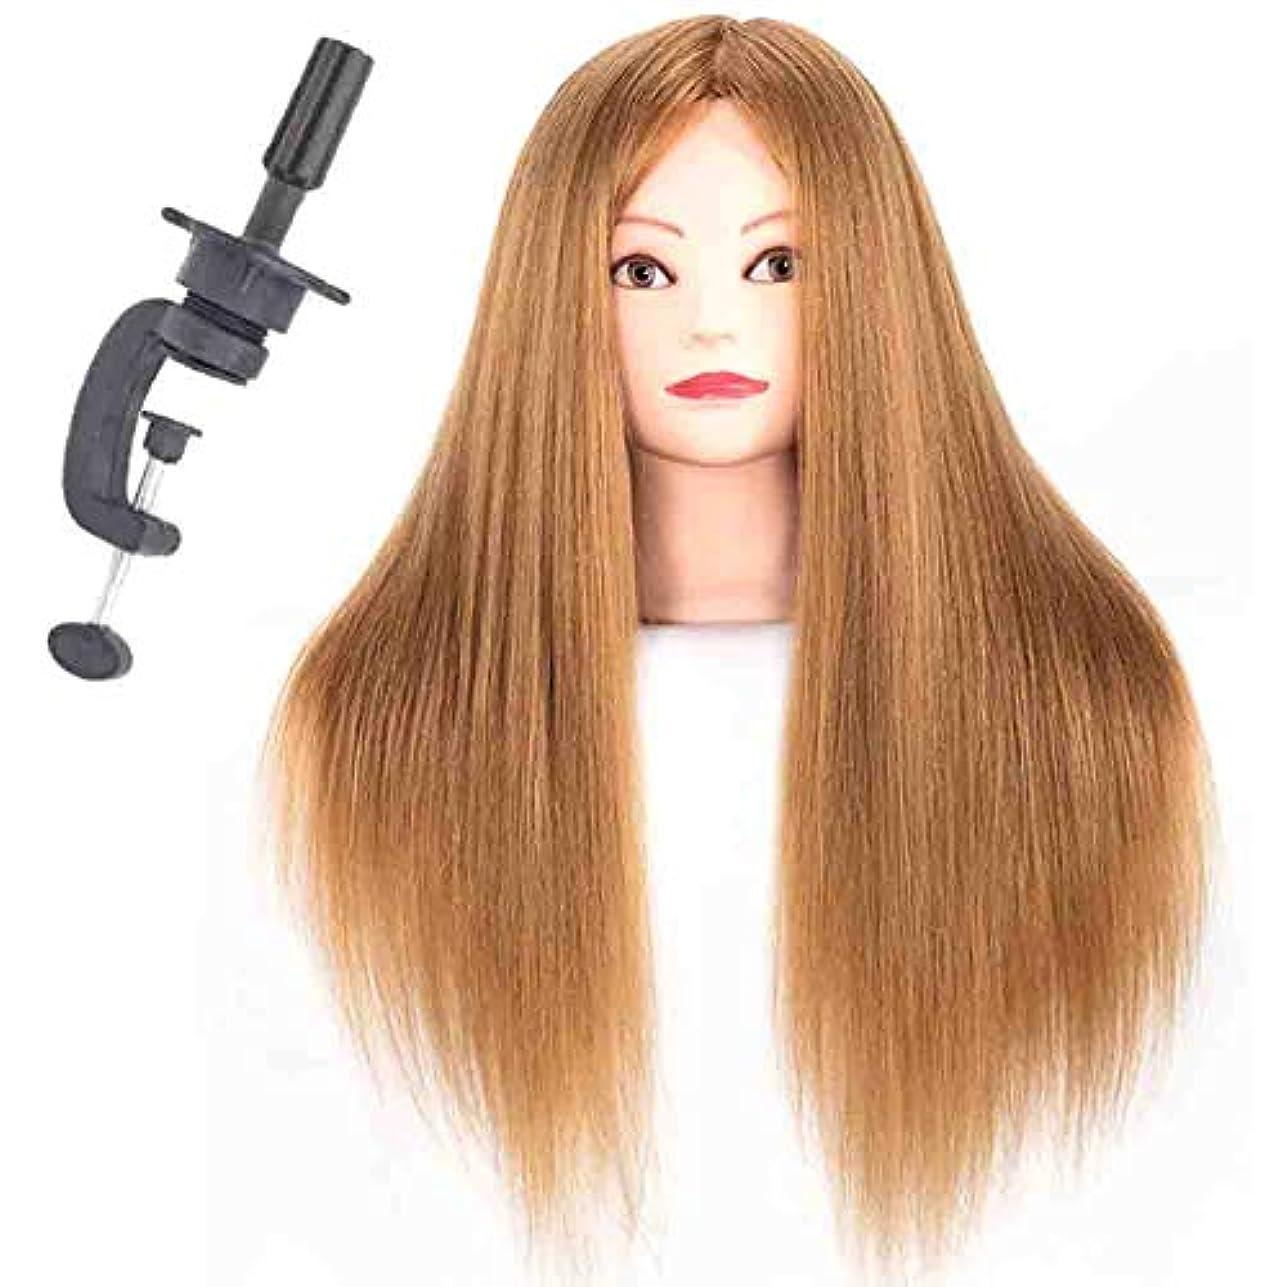 バンケットに賛成褒賞85%ミックスリアルヘアトレーニングヘッド花嫁ヘア三つ編みヘアサロンヘアカットカーリングロッド形状モデルダミーヘッド